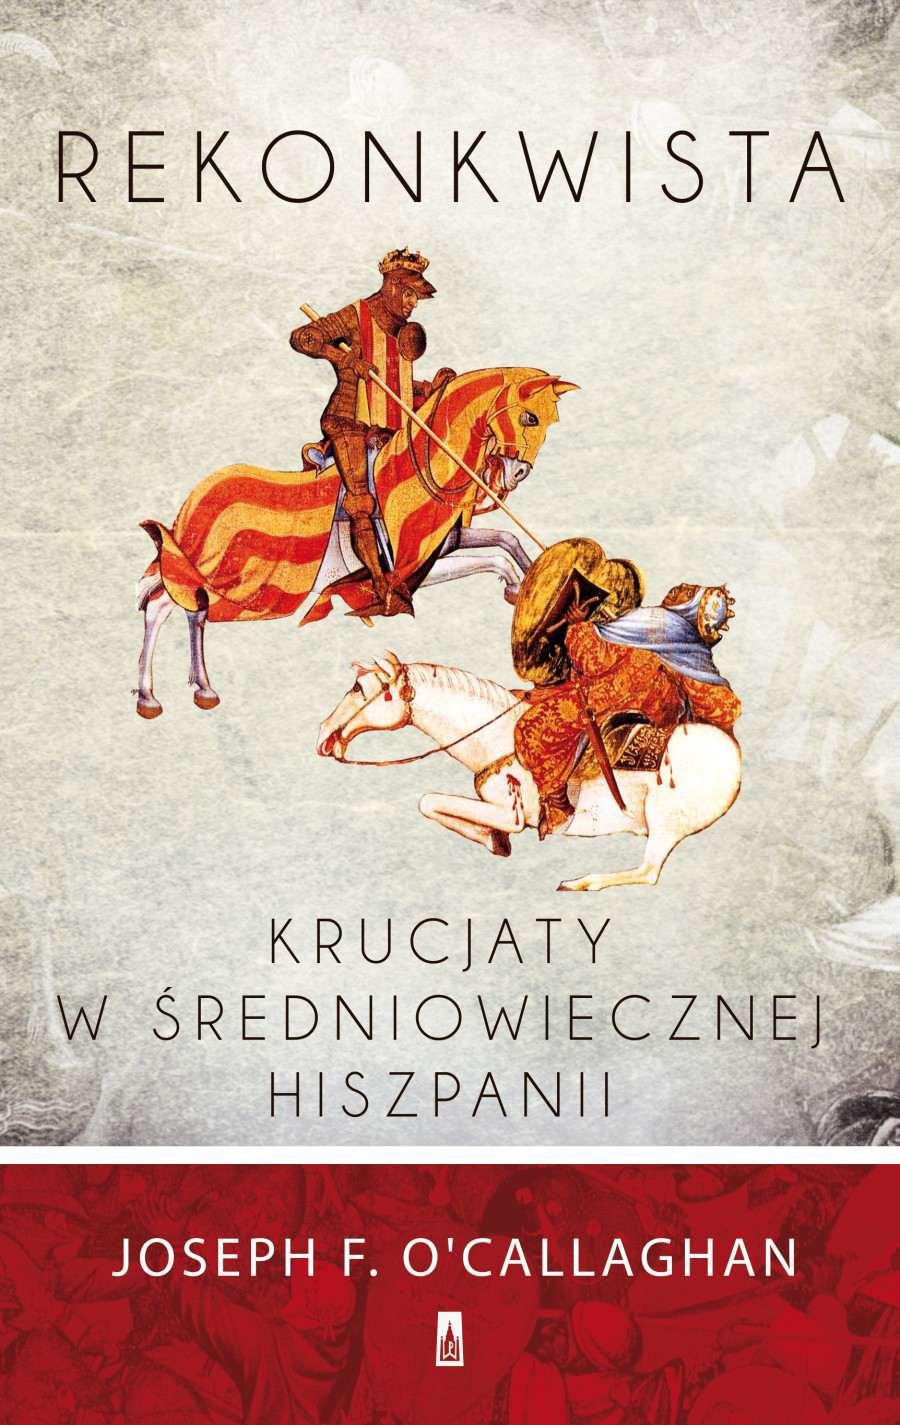 Rekonkwista. Krucjaty w średniowiecznej Hiszpanii - Ebook (Książka EPUB) do pobrania w formacie EPUB